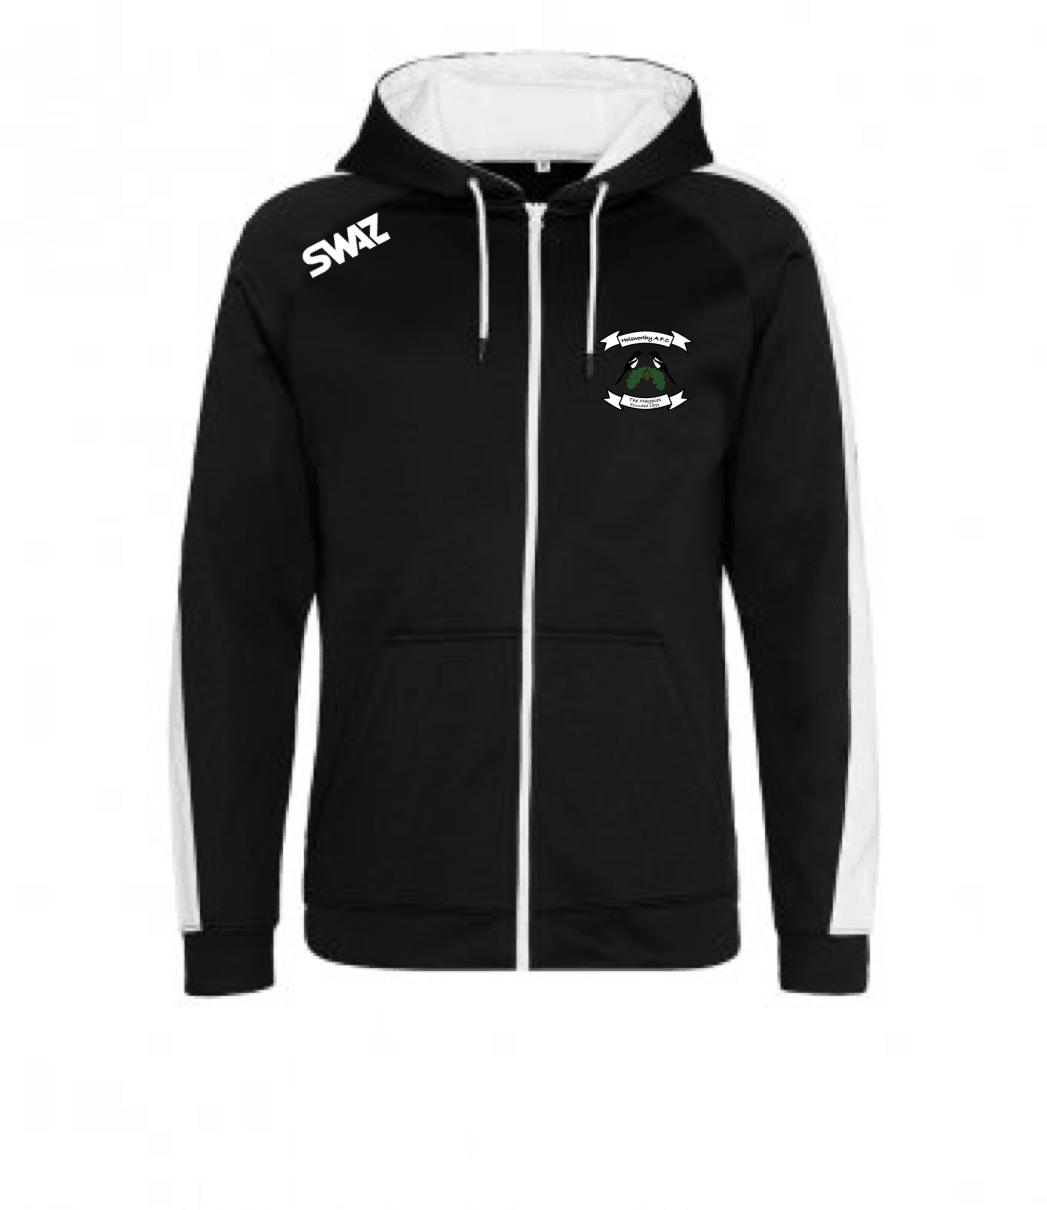 Holsworthy AFC Zip Hoody | SWAZ Teamwear | Football Kit Supplier